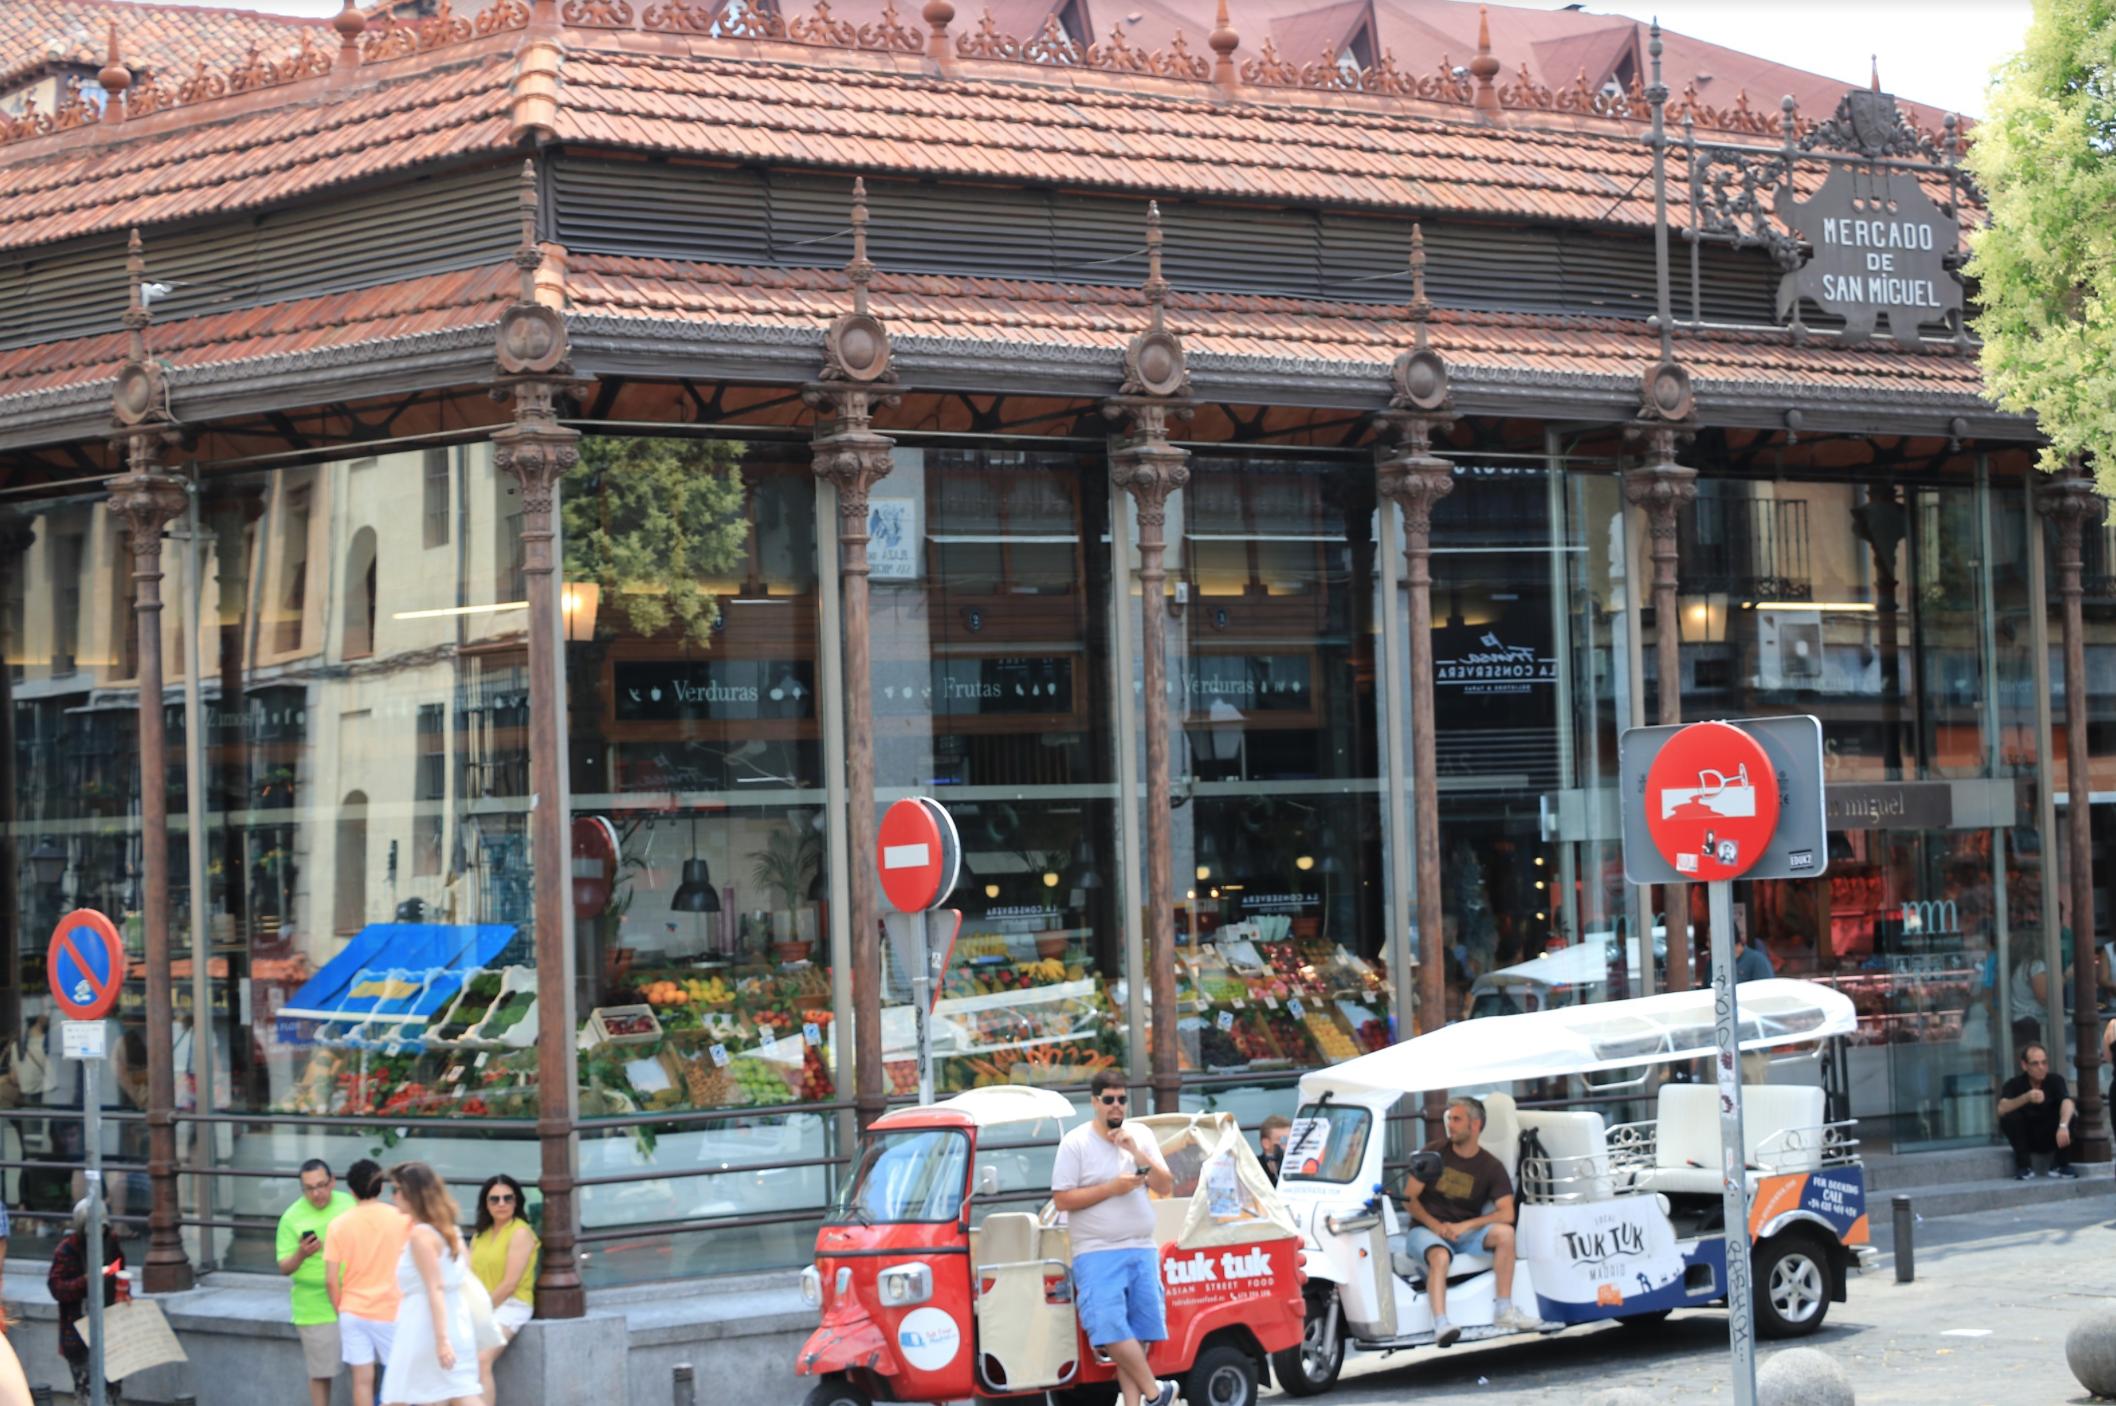 outside mercado de san miguel in Madrid